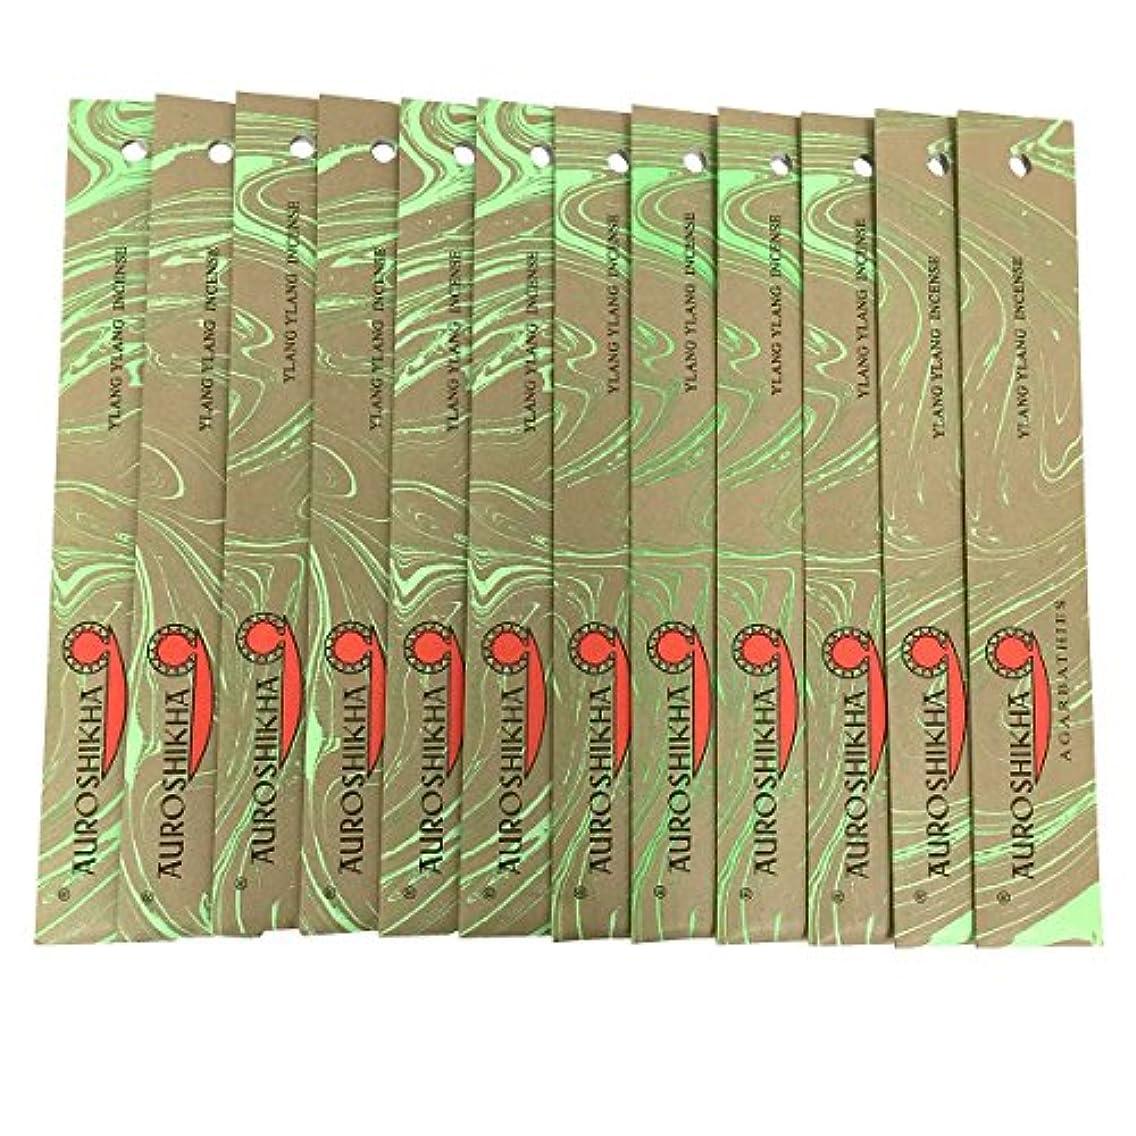 展示会作物器用AUROSHIKHA オウロシカ(YLANG YLANGイランイラン12個セット) マーブルパッケージスティック 送料無料